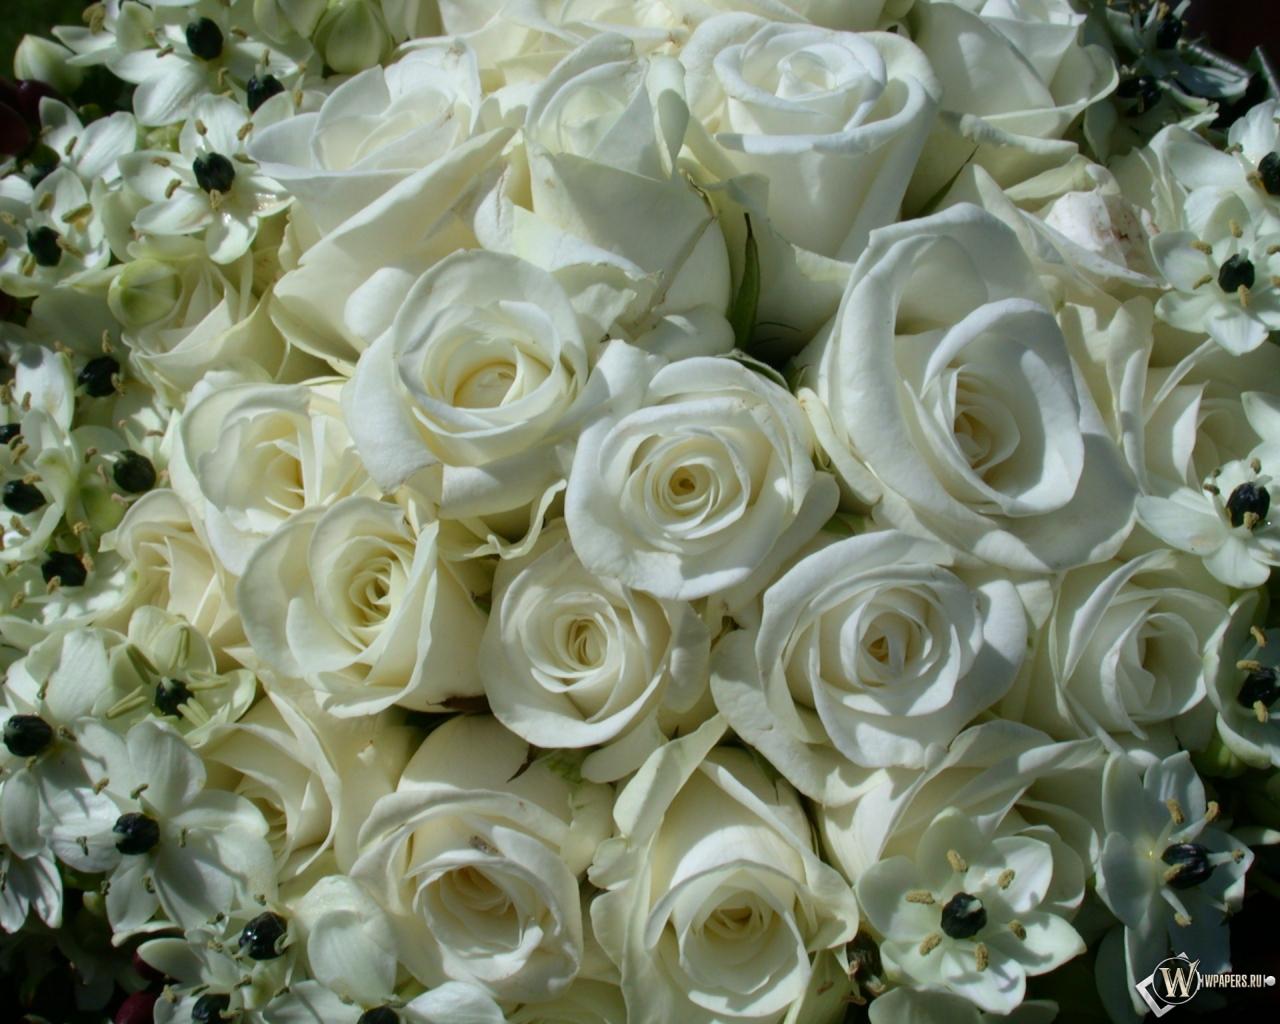 White Rose Memorial Essays